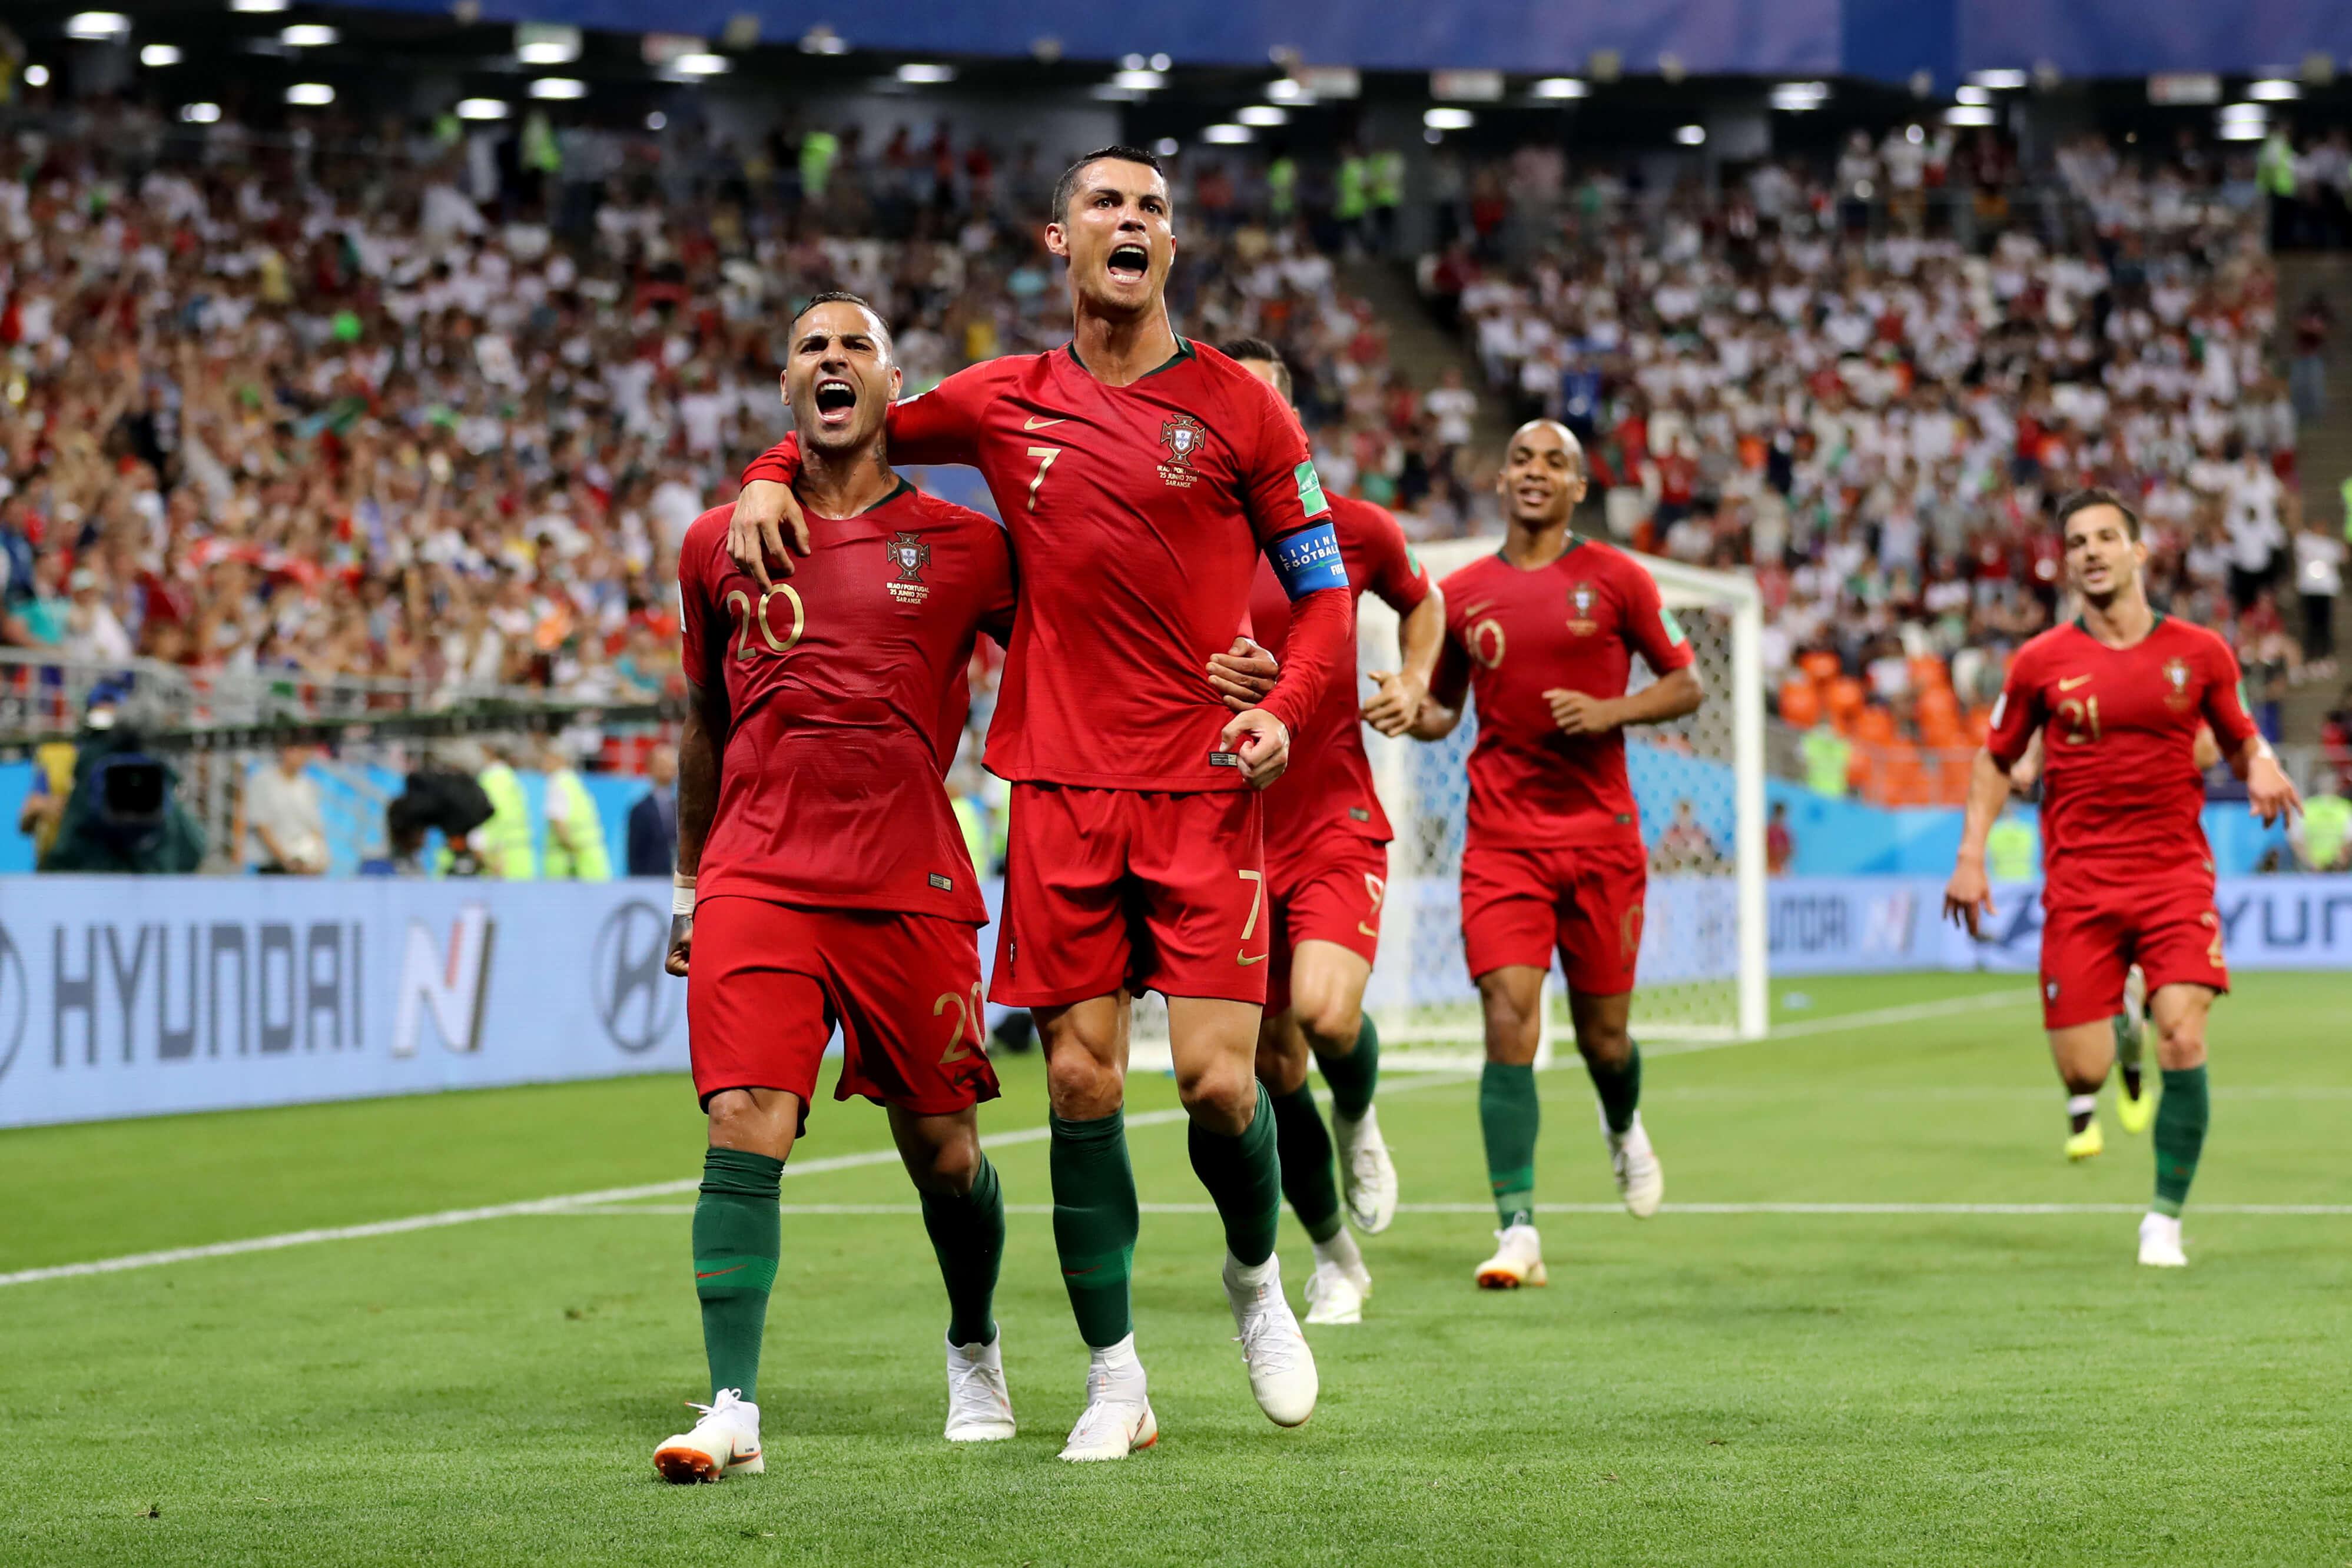 Cristiano Ronaldo Leading Portuguese National Team